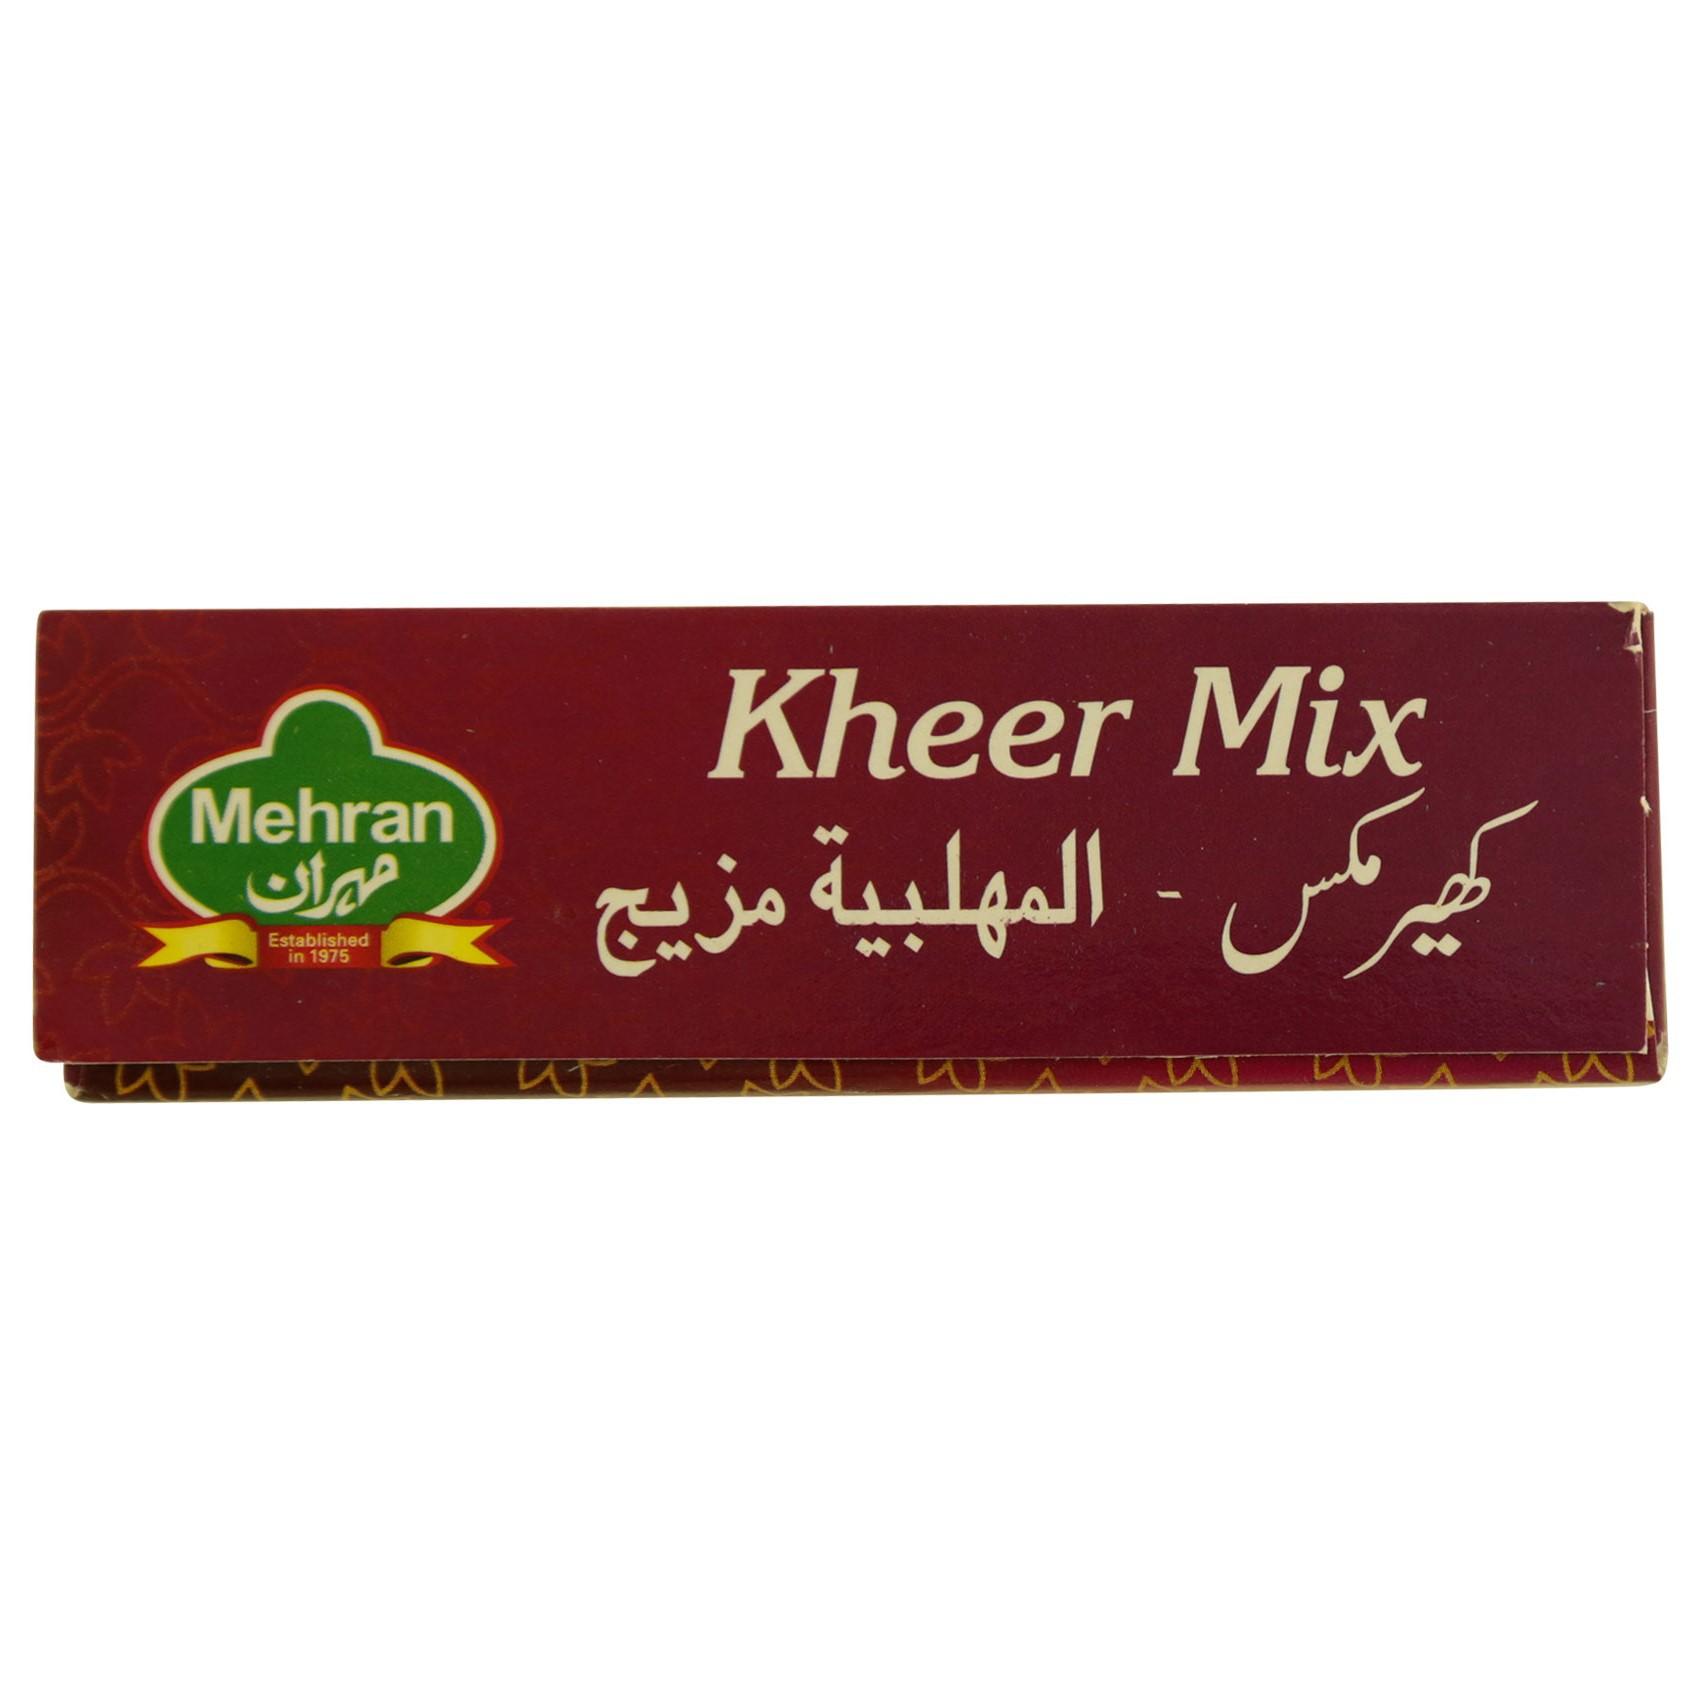 MEHRAN KHEER MIX 180G